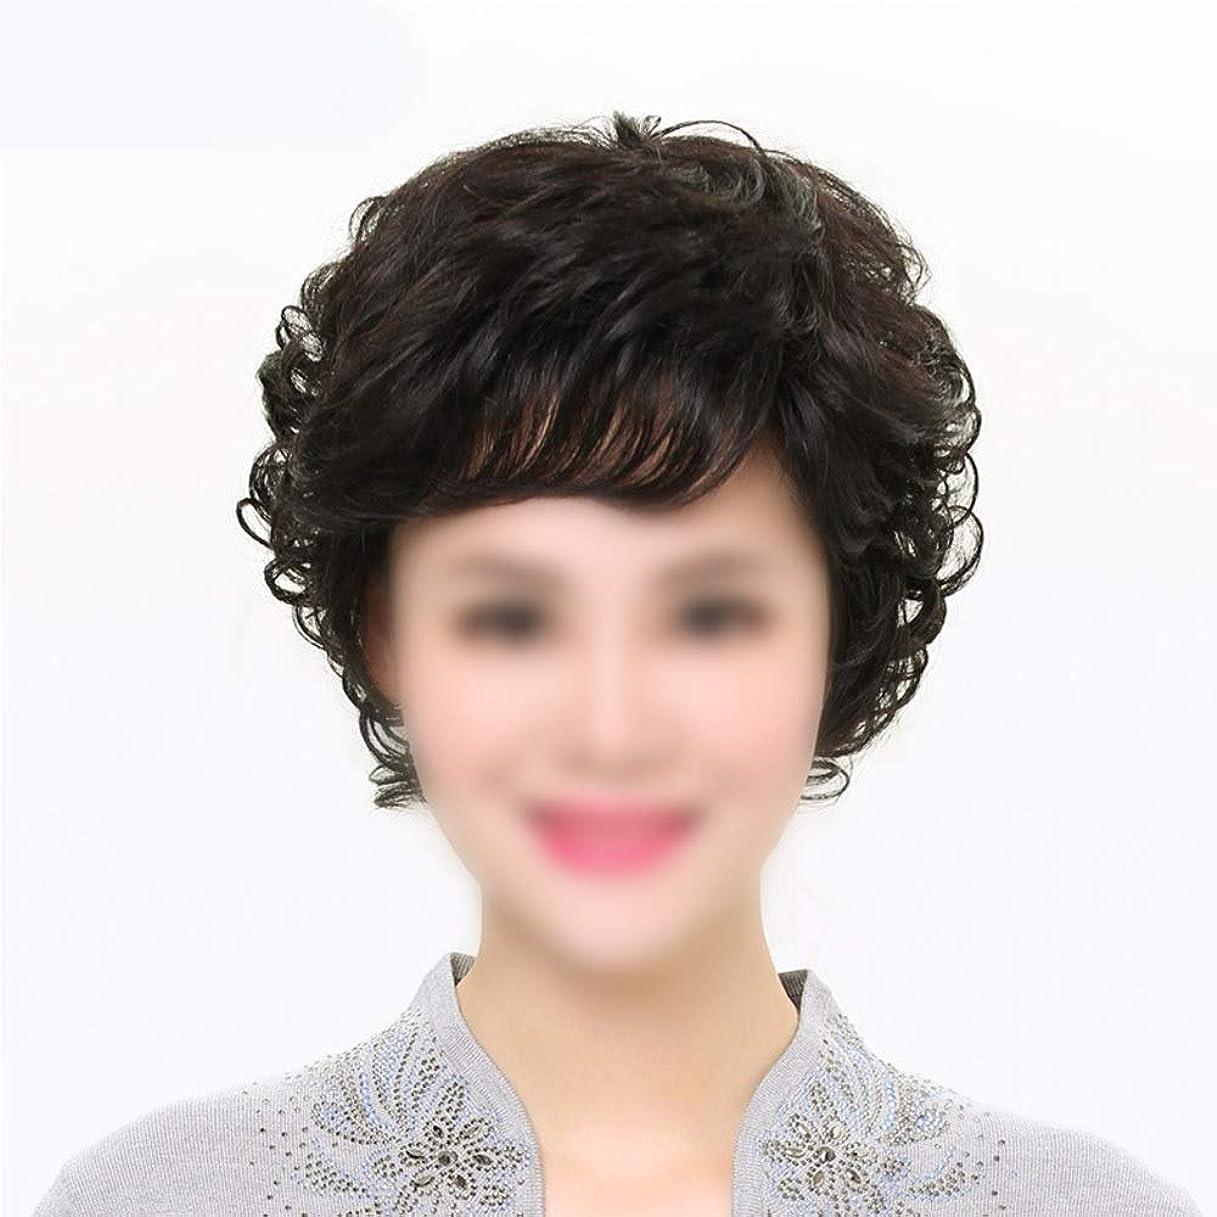 鉄道キャンベラ縞模様のかつら 母のかつらのための前髪付き女性のリアルヘアショートカーリーヘアー中年かつらファッションウィッグ (色 : 黒, Edition : Mechanism)